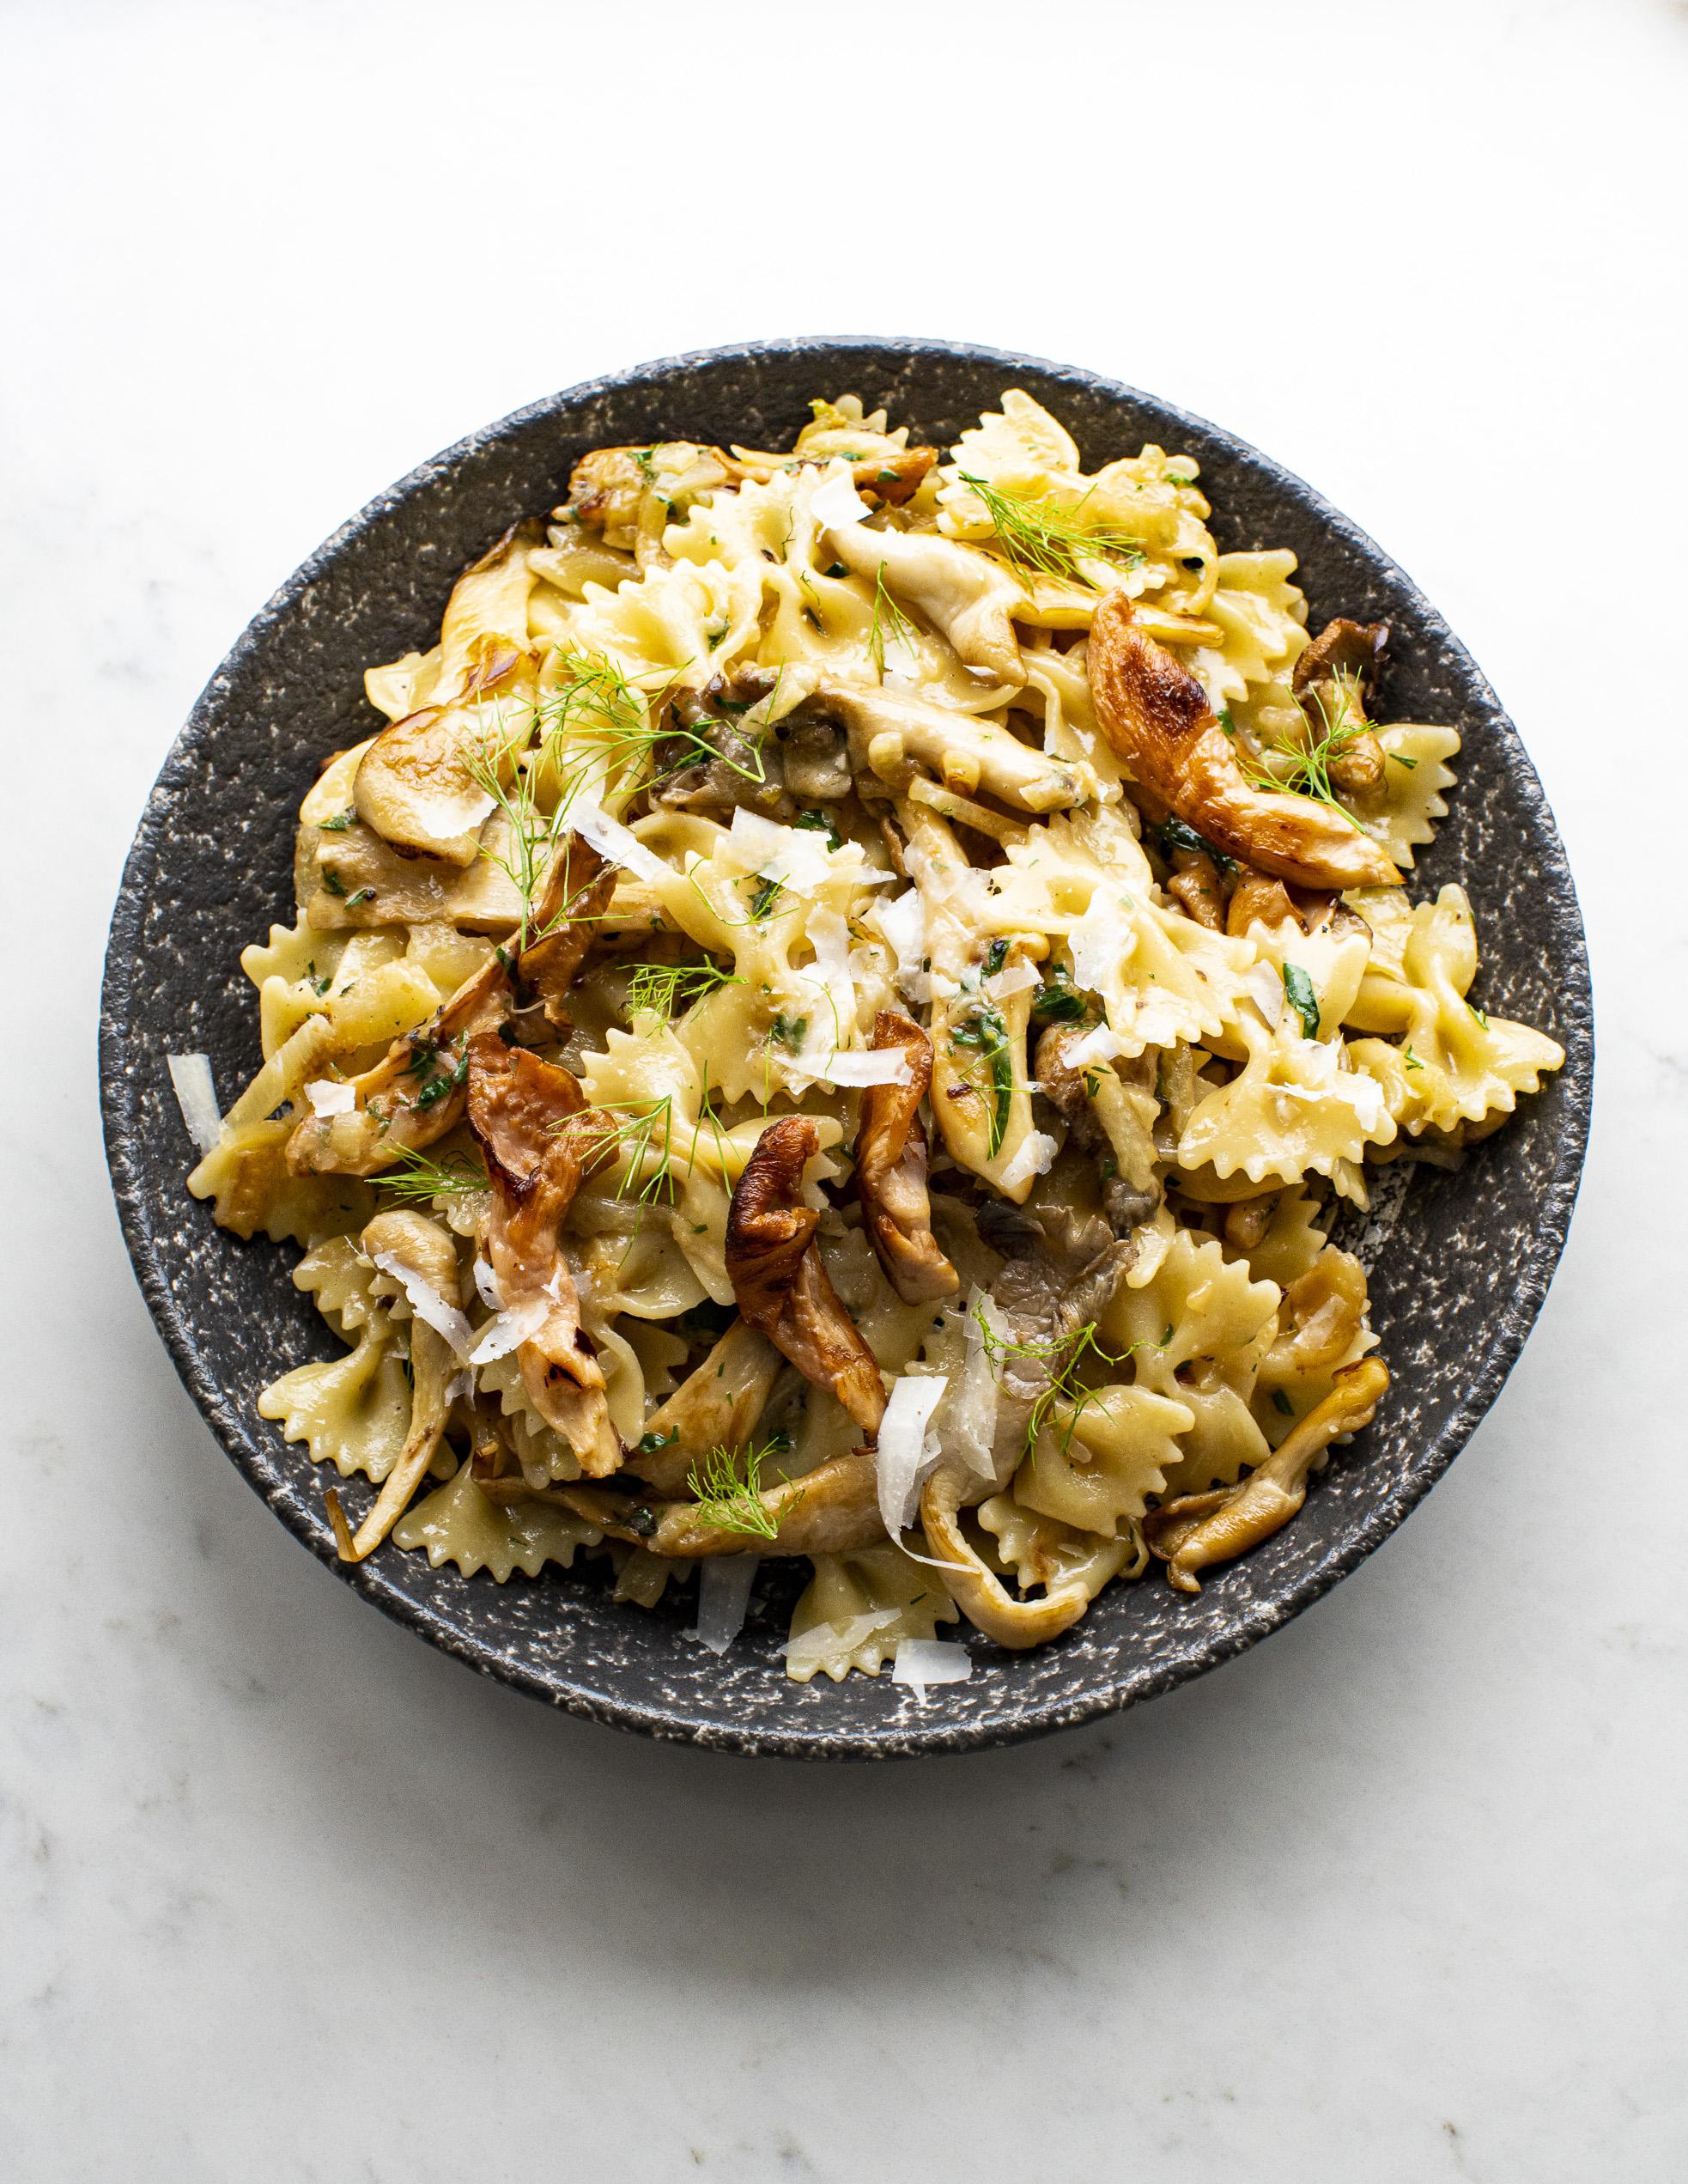 Caramelised Fennel and Mushroom Pasta